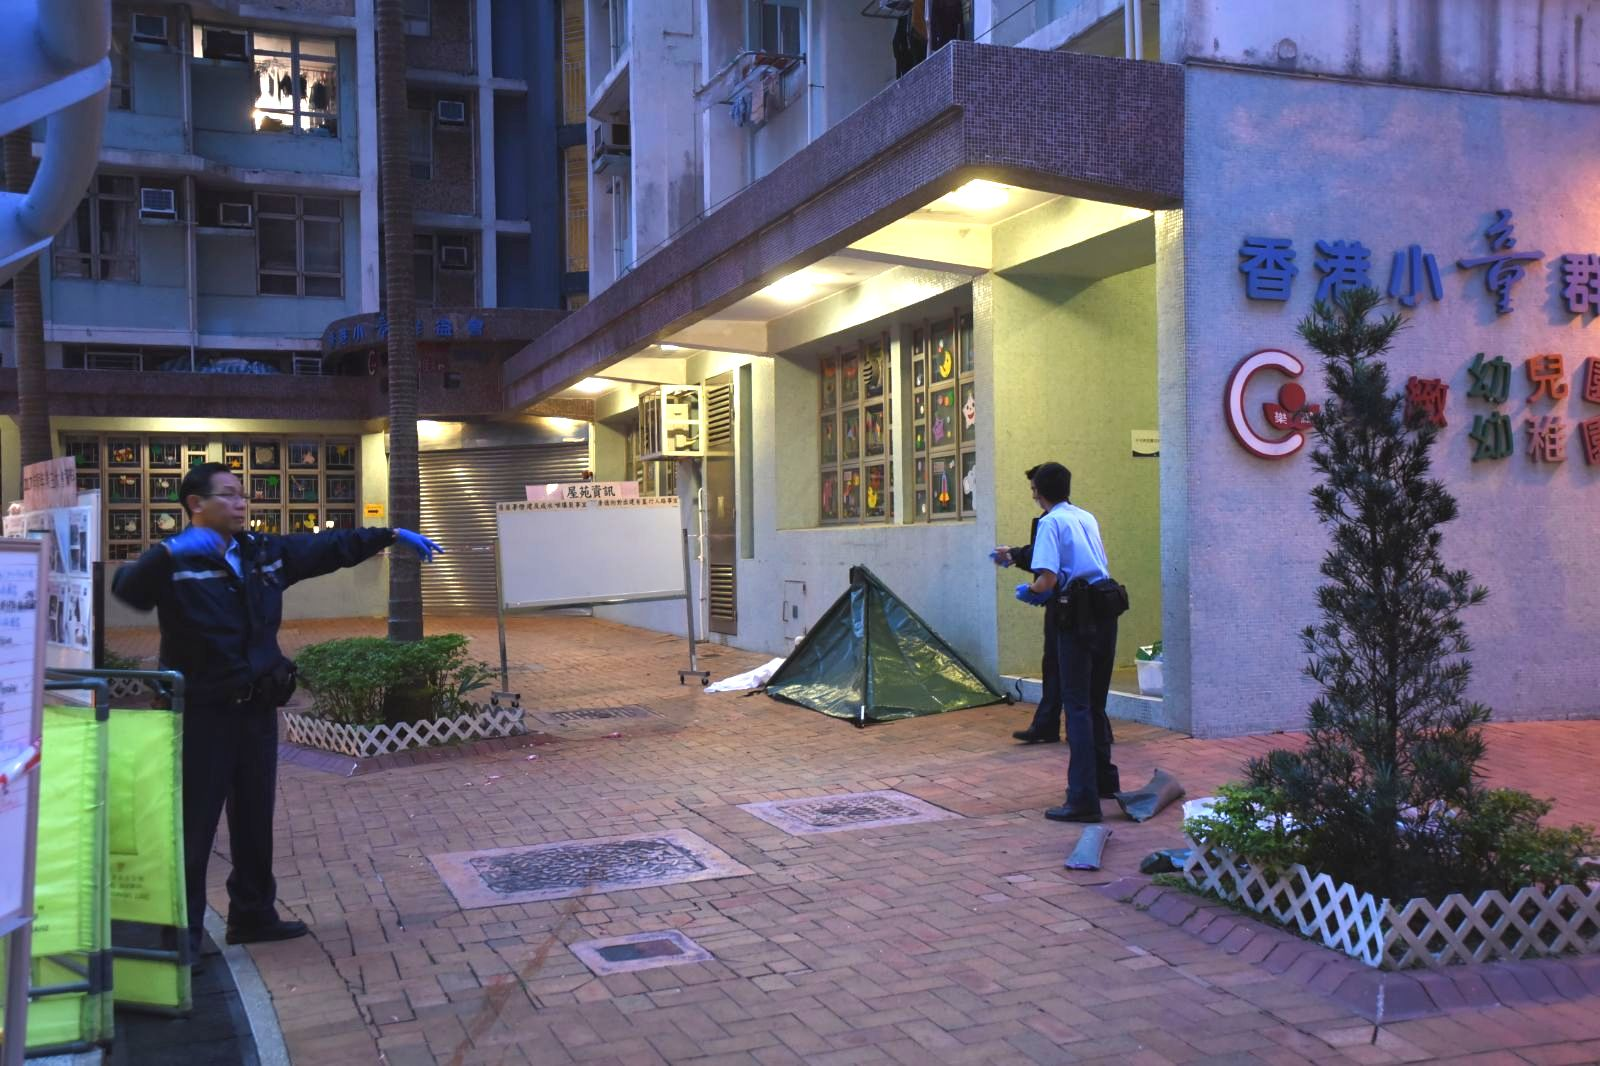 警方以帳篷遮蓋遺體。尹敬堂攝